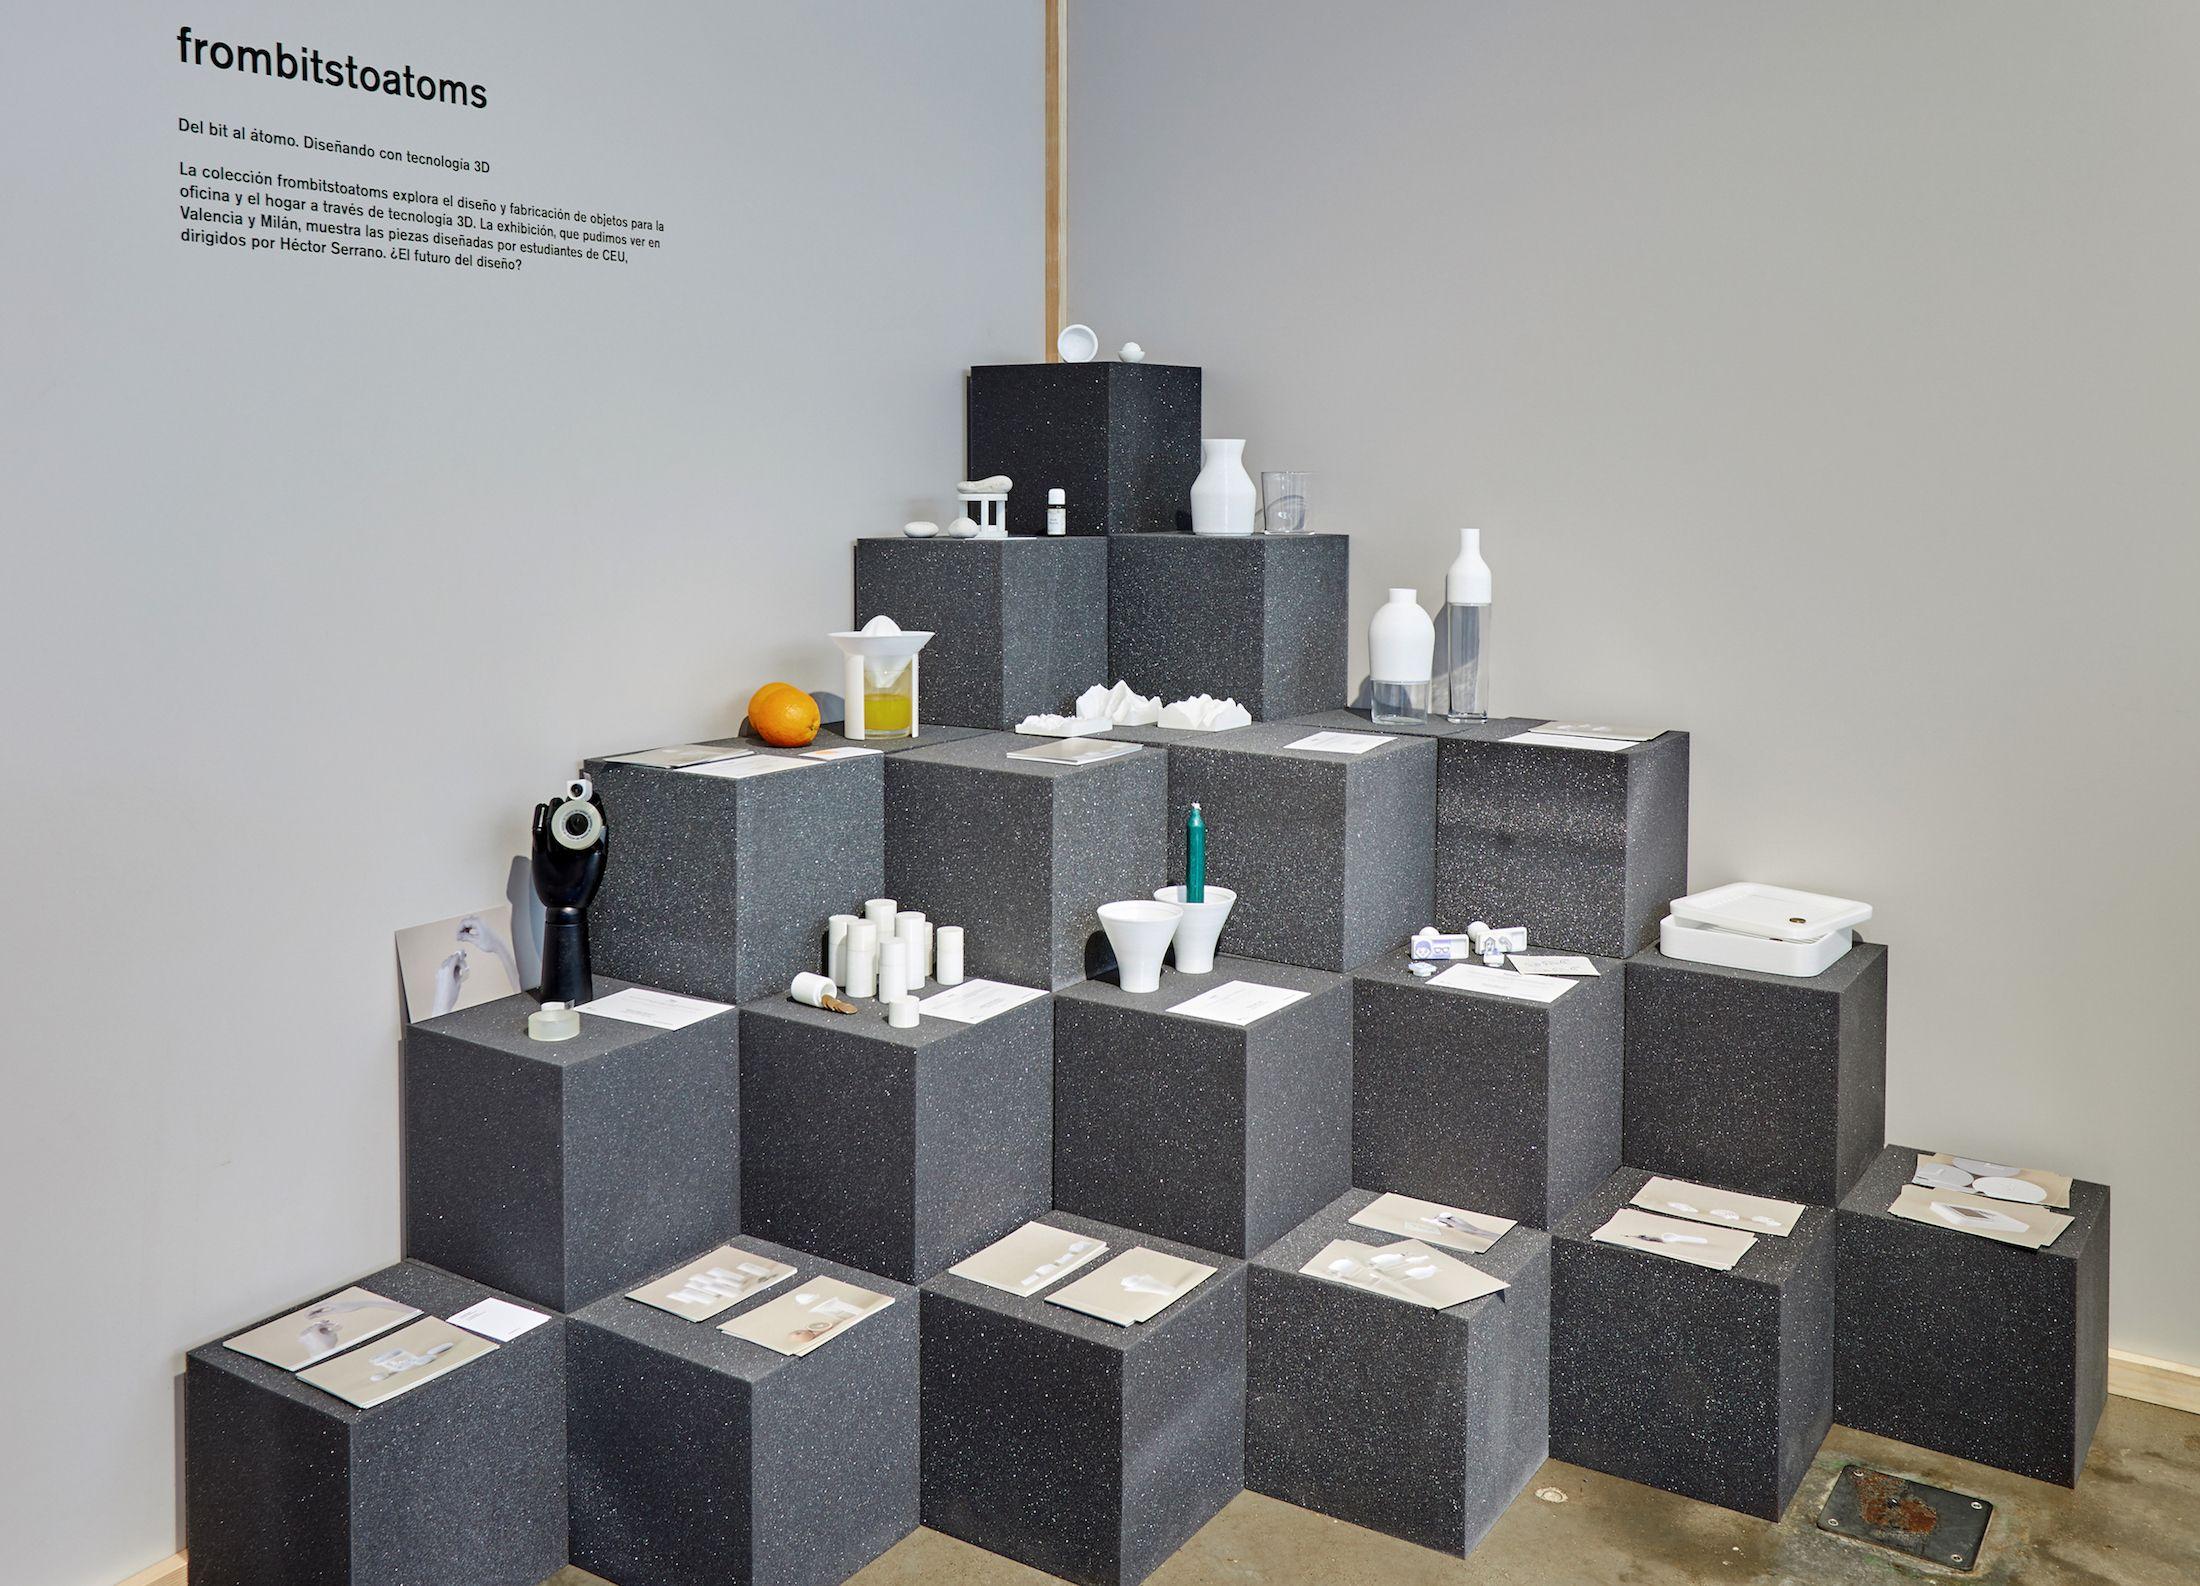 La colección 'frombitstoatoms' de Diseño CEU UCH, en Nude 2019.